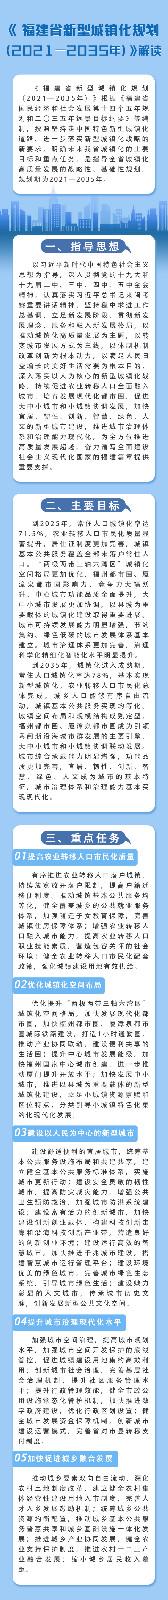 福建省新型城镇化规划(2021—2035年)